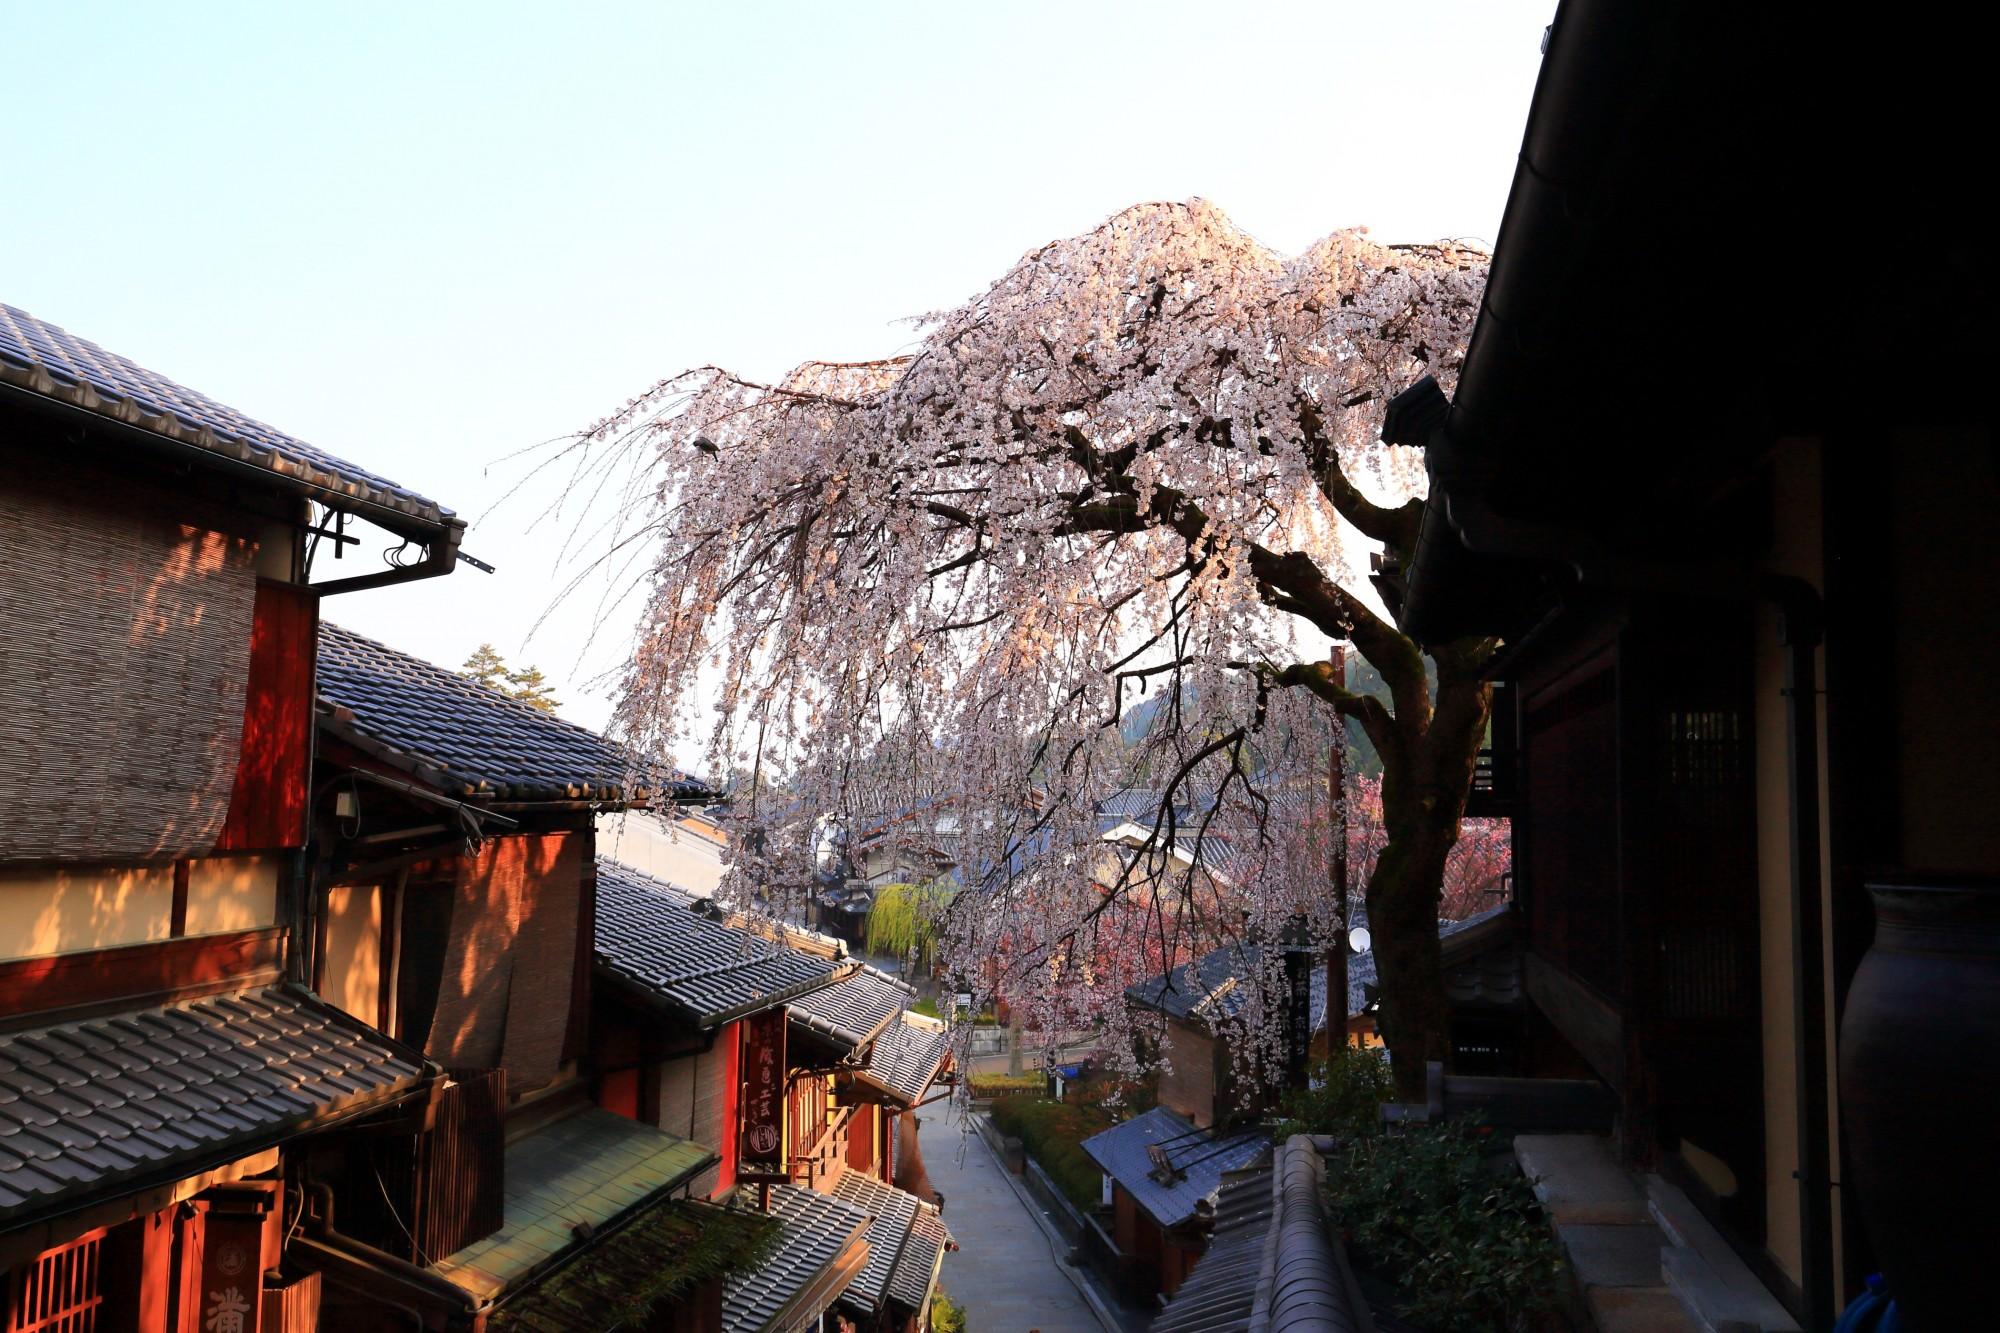 産寧坂(三年坂) 桜 情緒ある街並みとしだれ桜